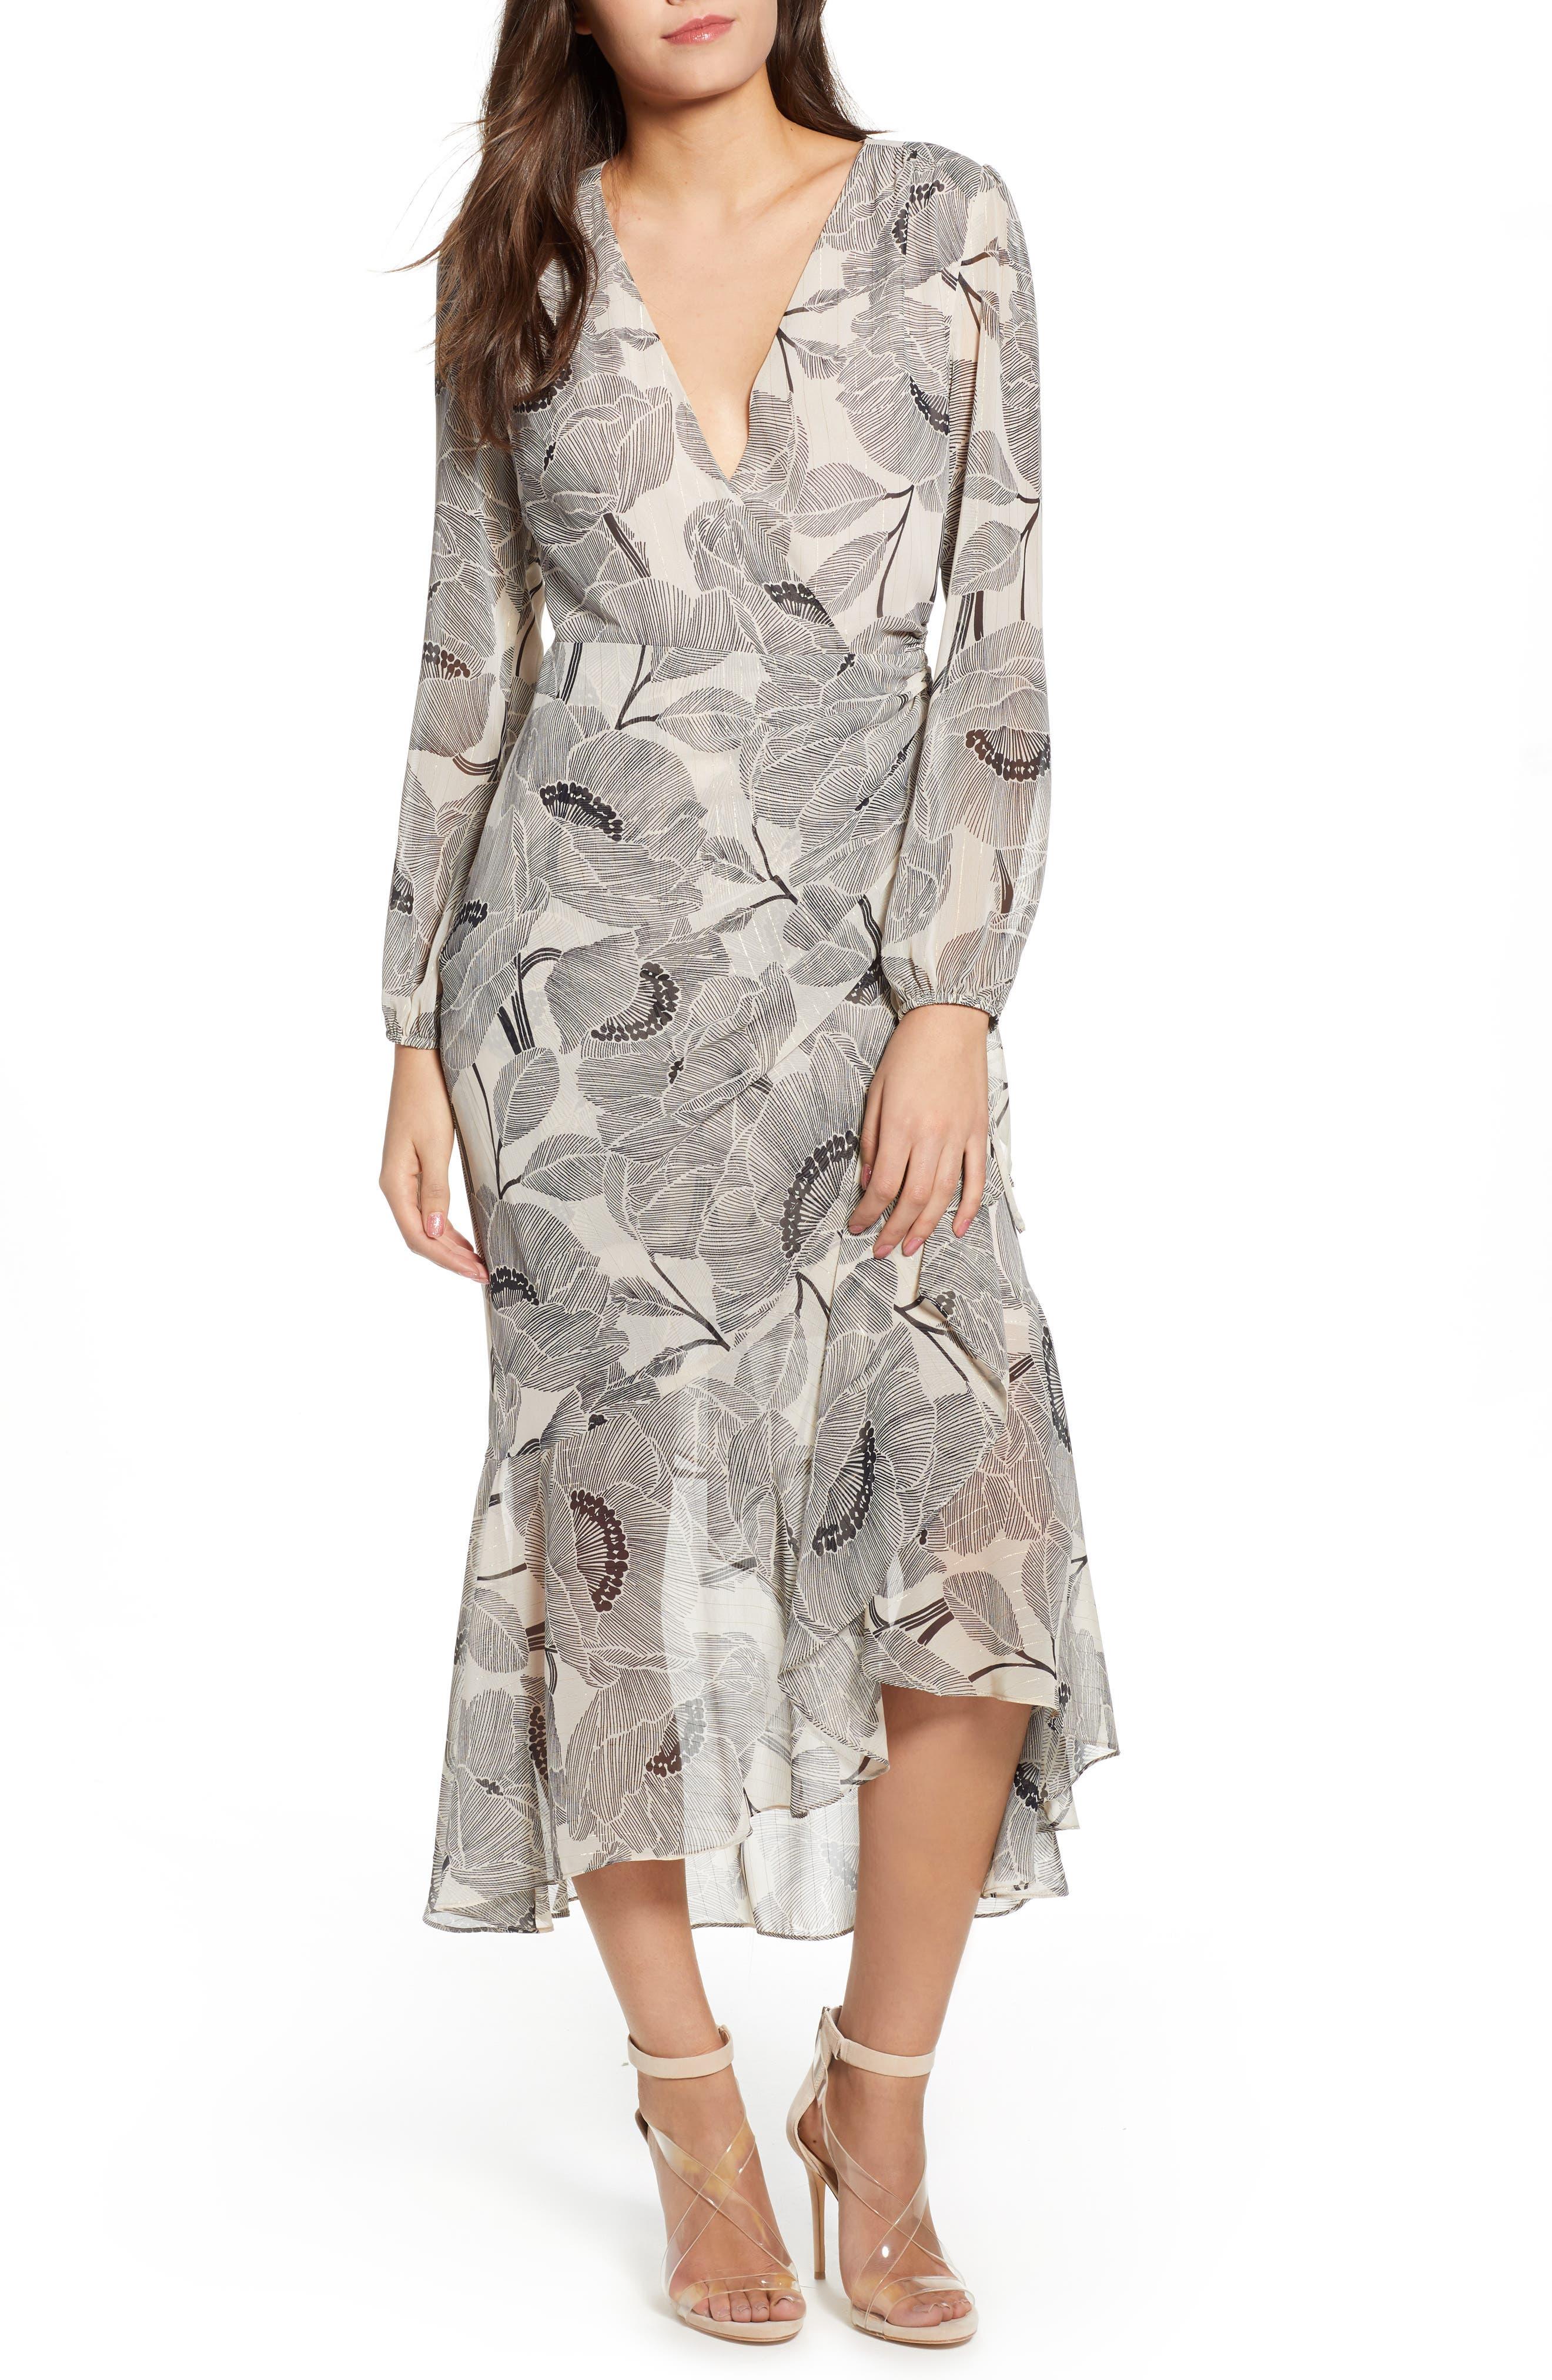 ASTR THE LABEL Floral Print Faux Wrap Dress, Main, color, IVORY FLORAL